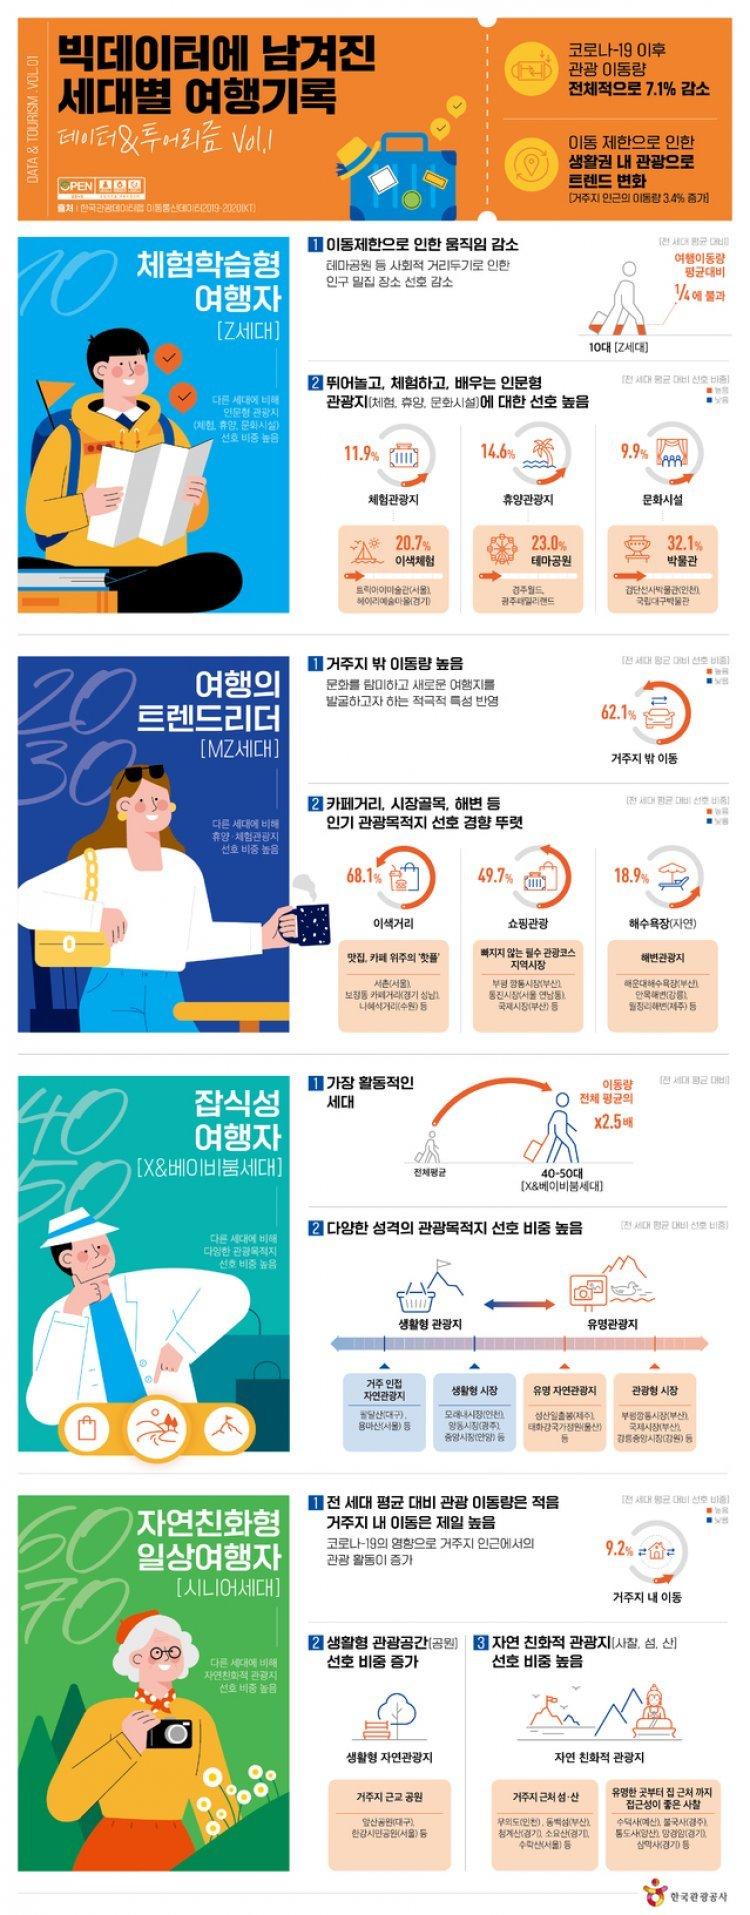 코로나시대, 세대별 여행차 뚜렷…MZ '여기저기'·시니어 '집 근처'